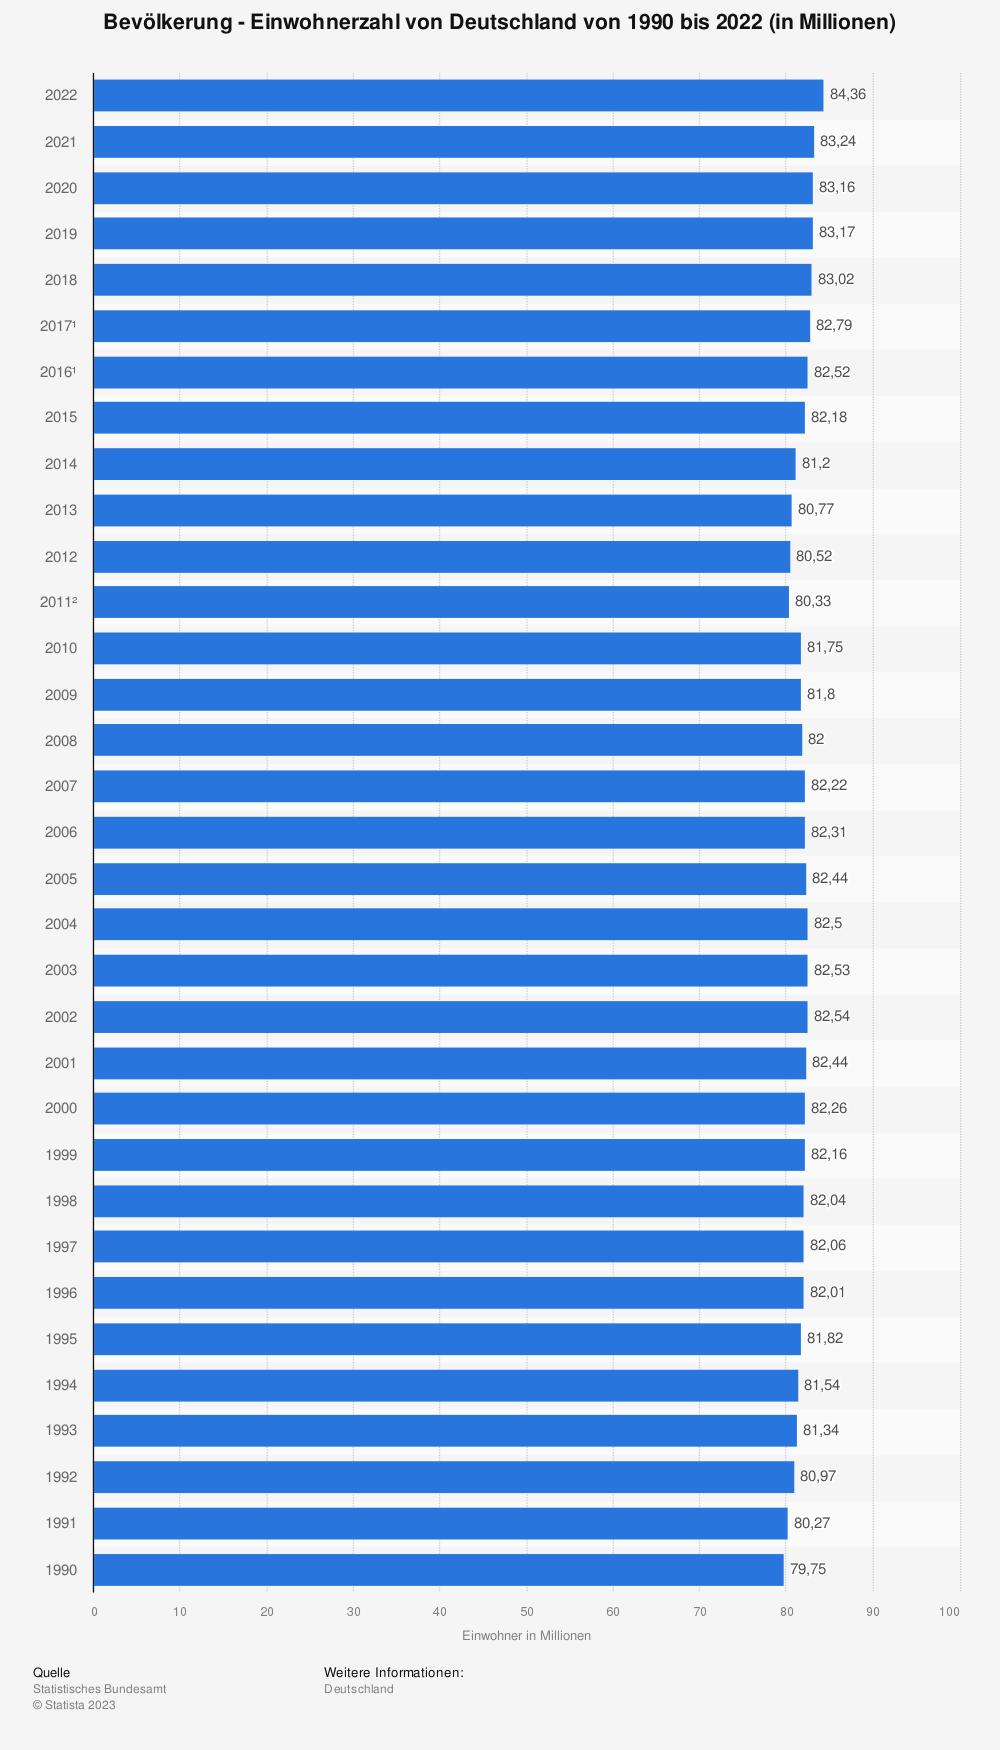 Statistik: Bevölkerung - Entwicklung der Einwohnerzahl von Deutschland von 1990 bis 2014 (in Millionen) | Statista